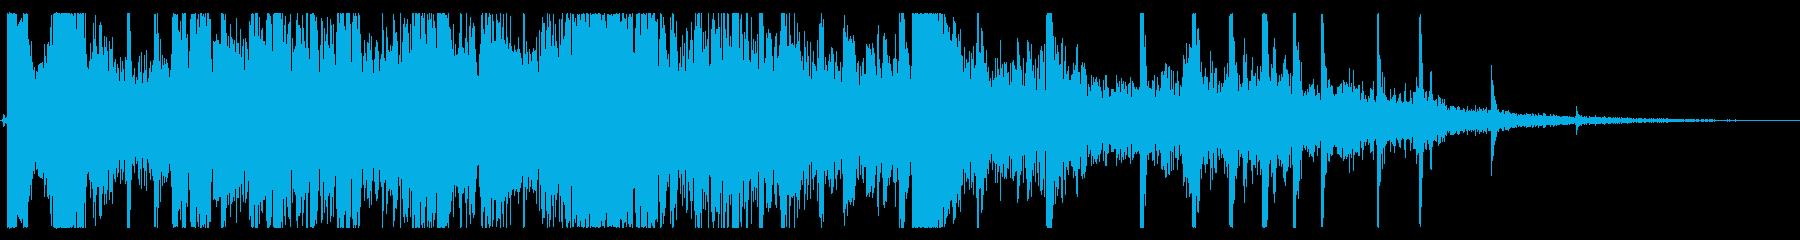 ソーシングメタル、ストライク、チャ...の再生済みの波形